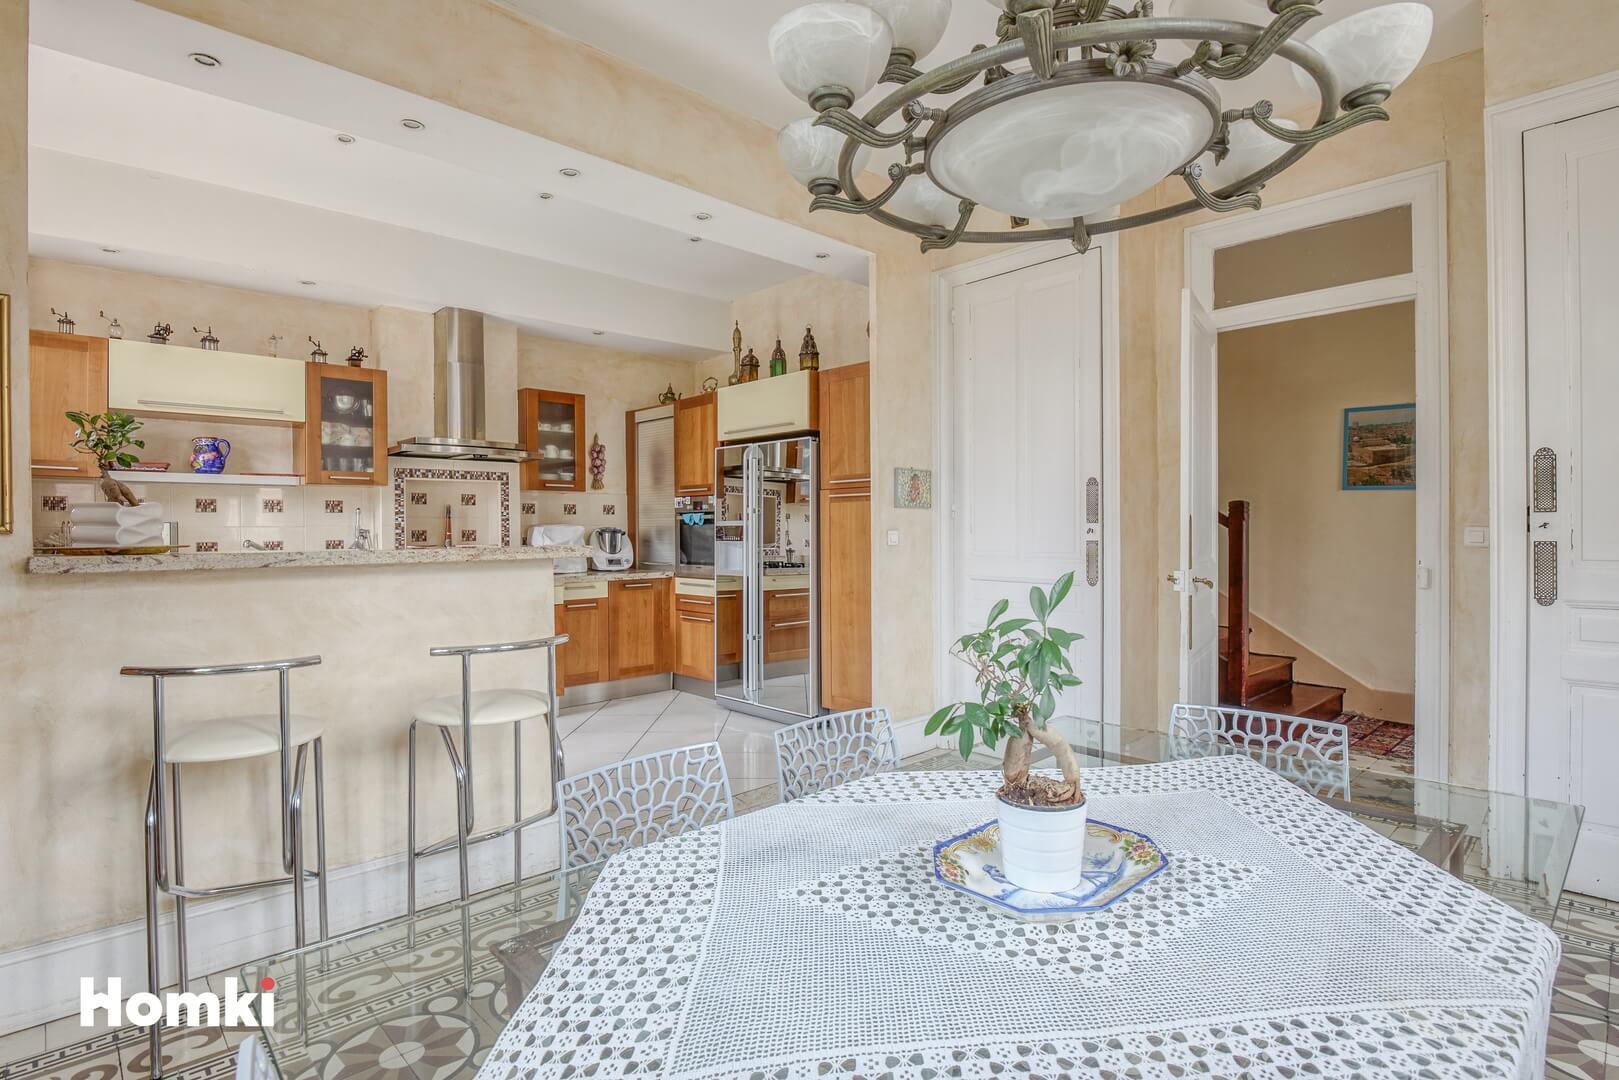 Homki - Vente Maison/villa  de 300.0 m² à Lyon 69003